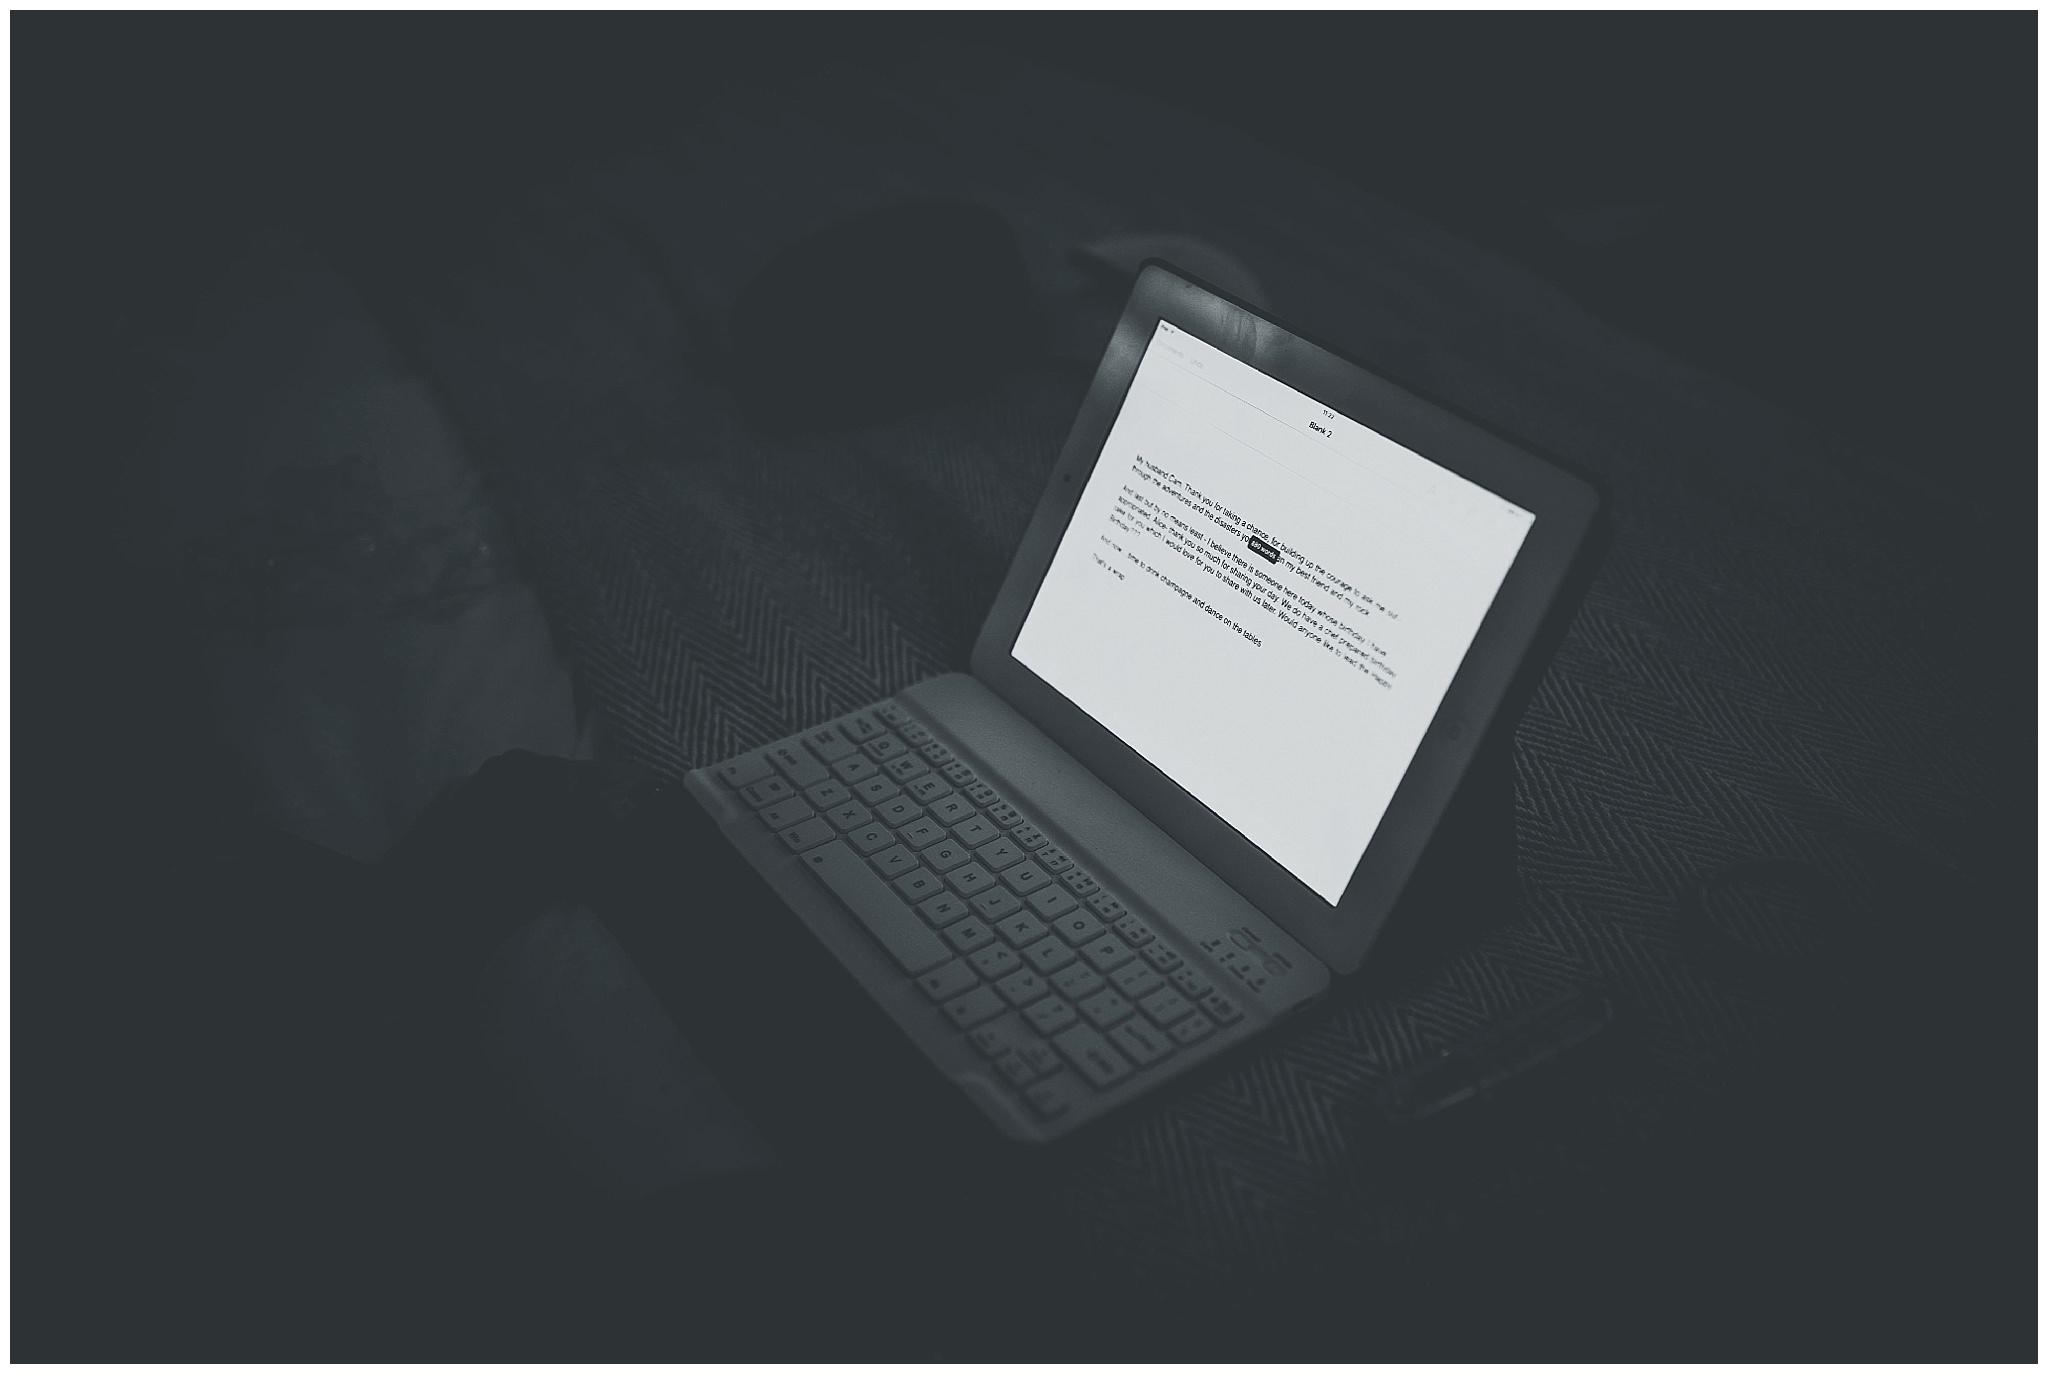 Brides Laptop